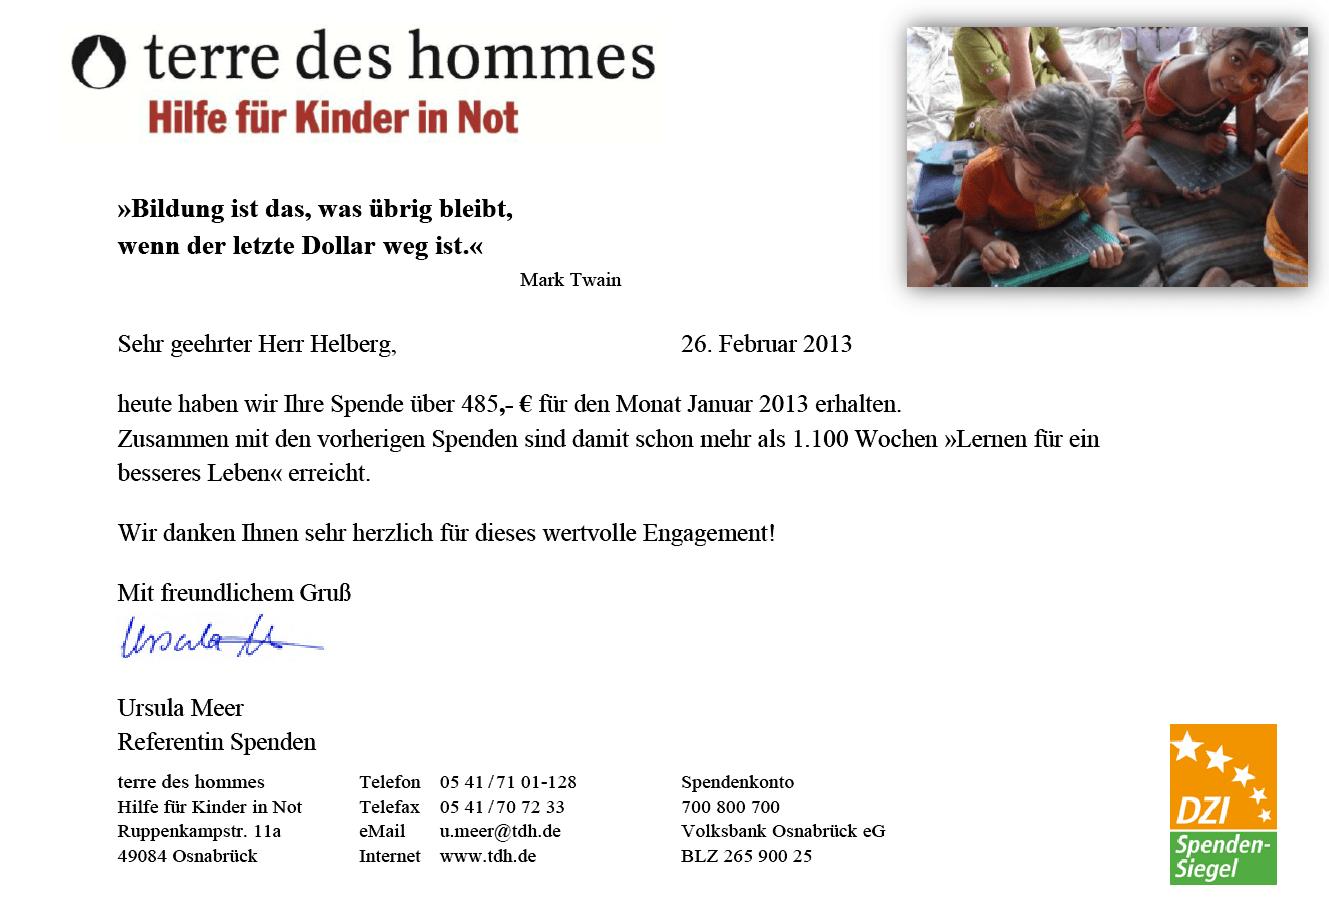 Spendenbestätigung von terre des hommes, Lernen für ein besseres Leben. Versicherungen mit Nebenwirkungen.